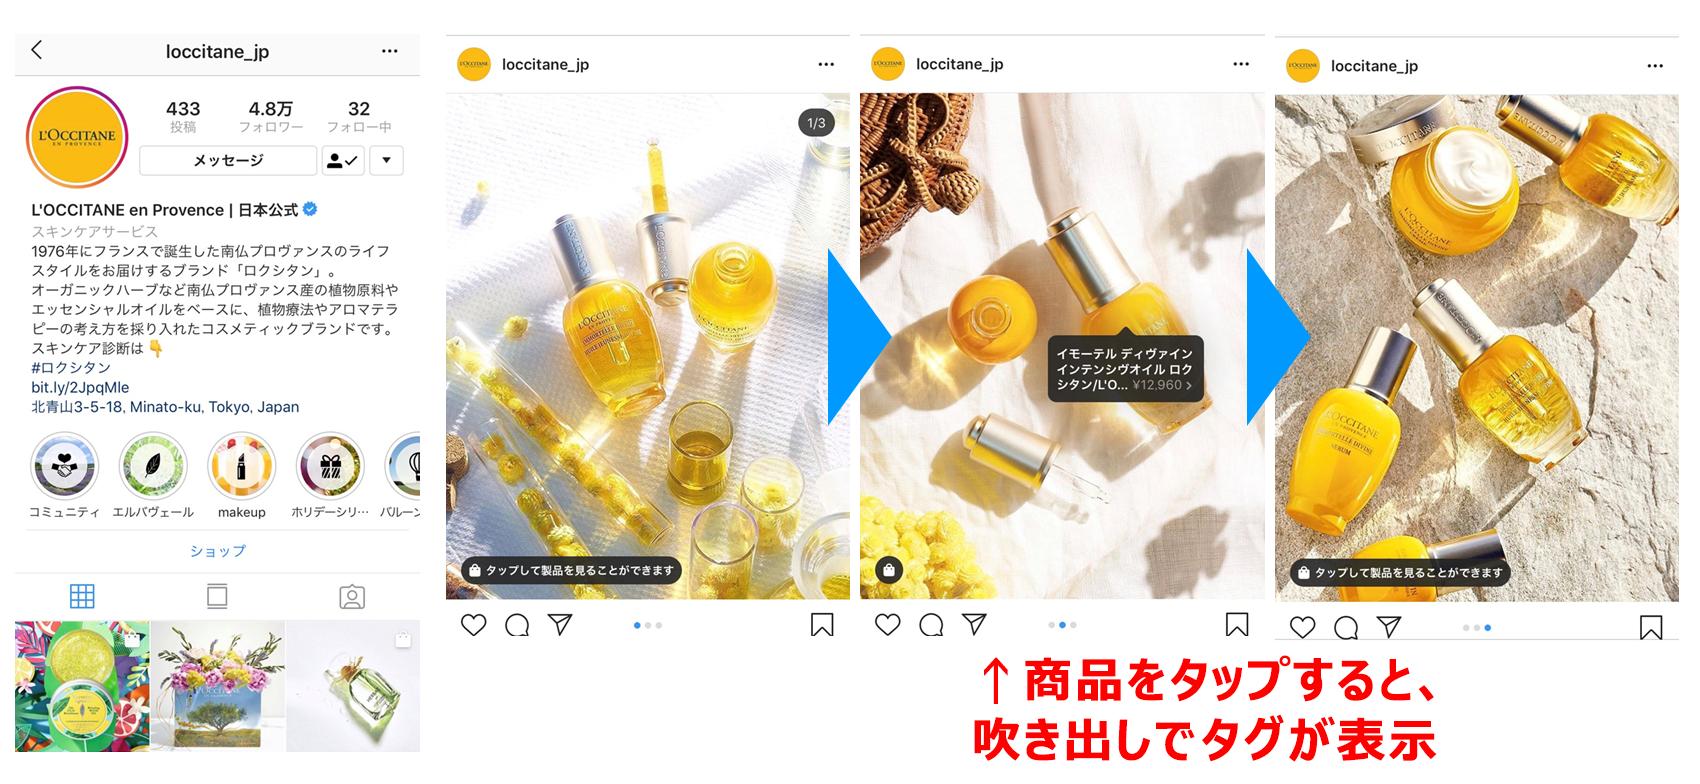 参考イメージ:L'OCCITANE (ロクシタン)日本公式、Instagramアカウント